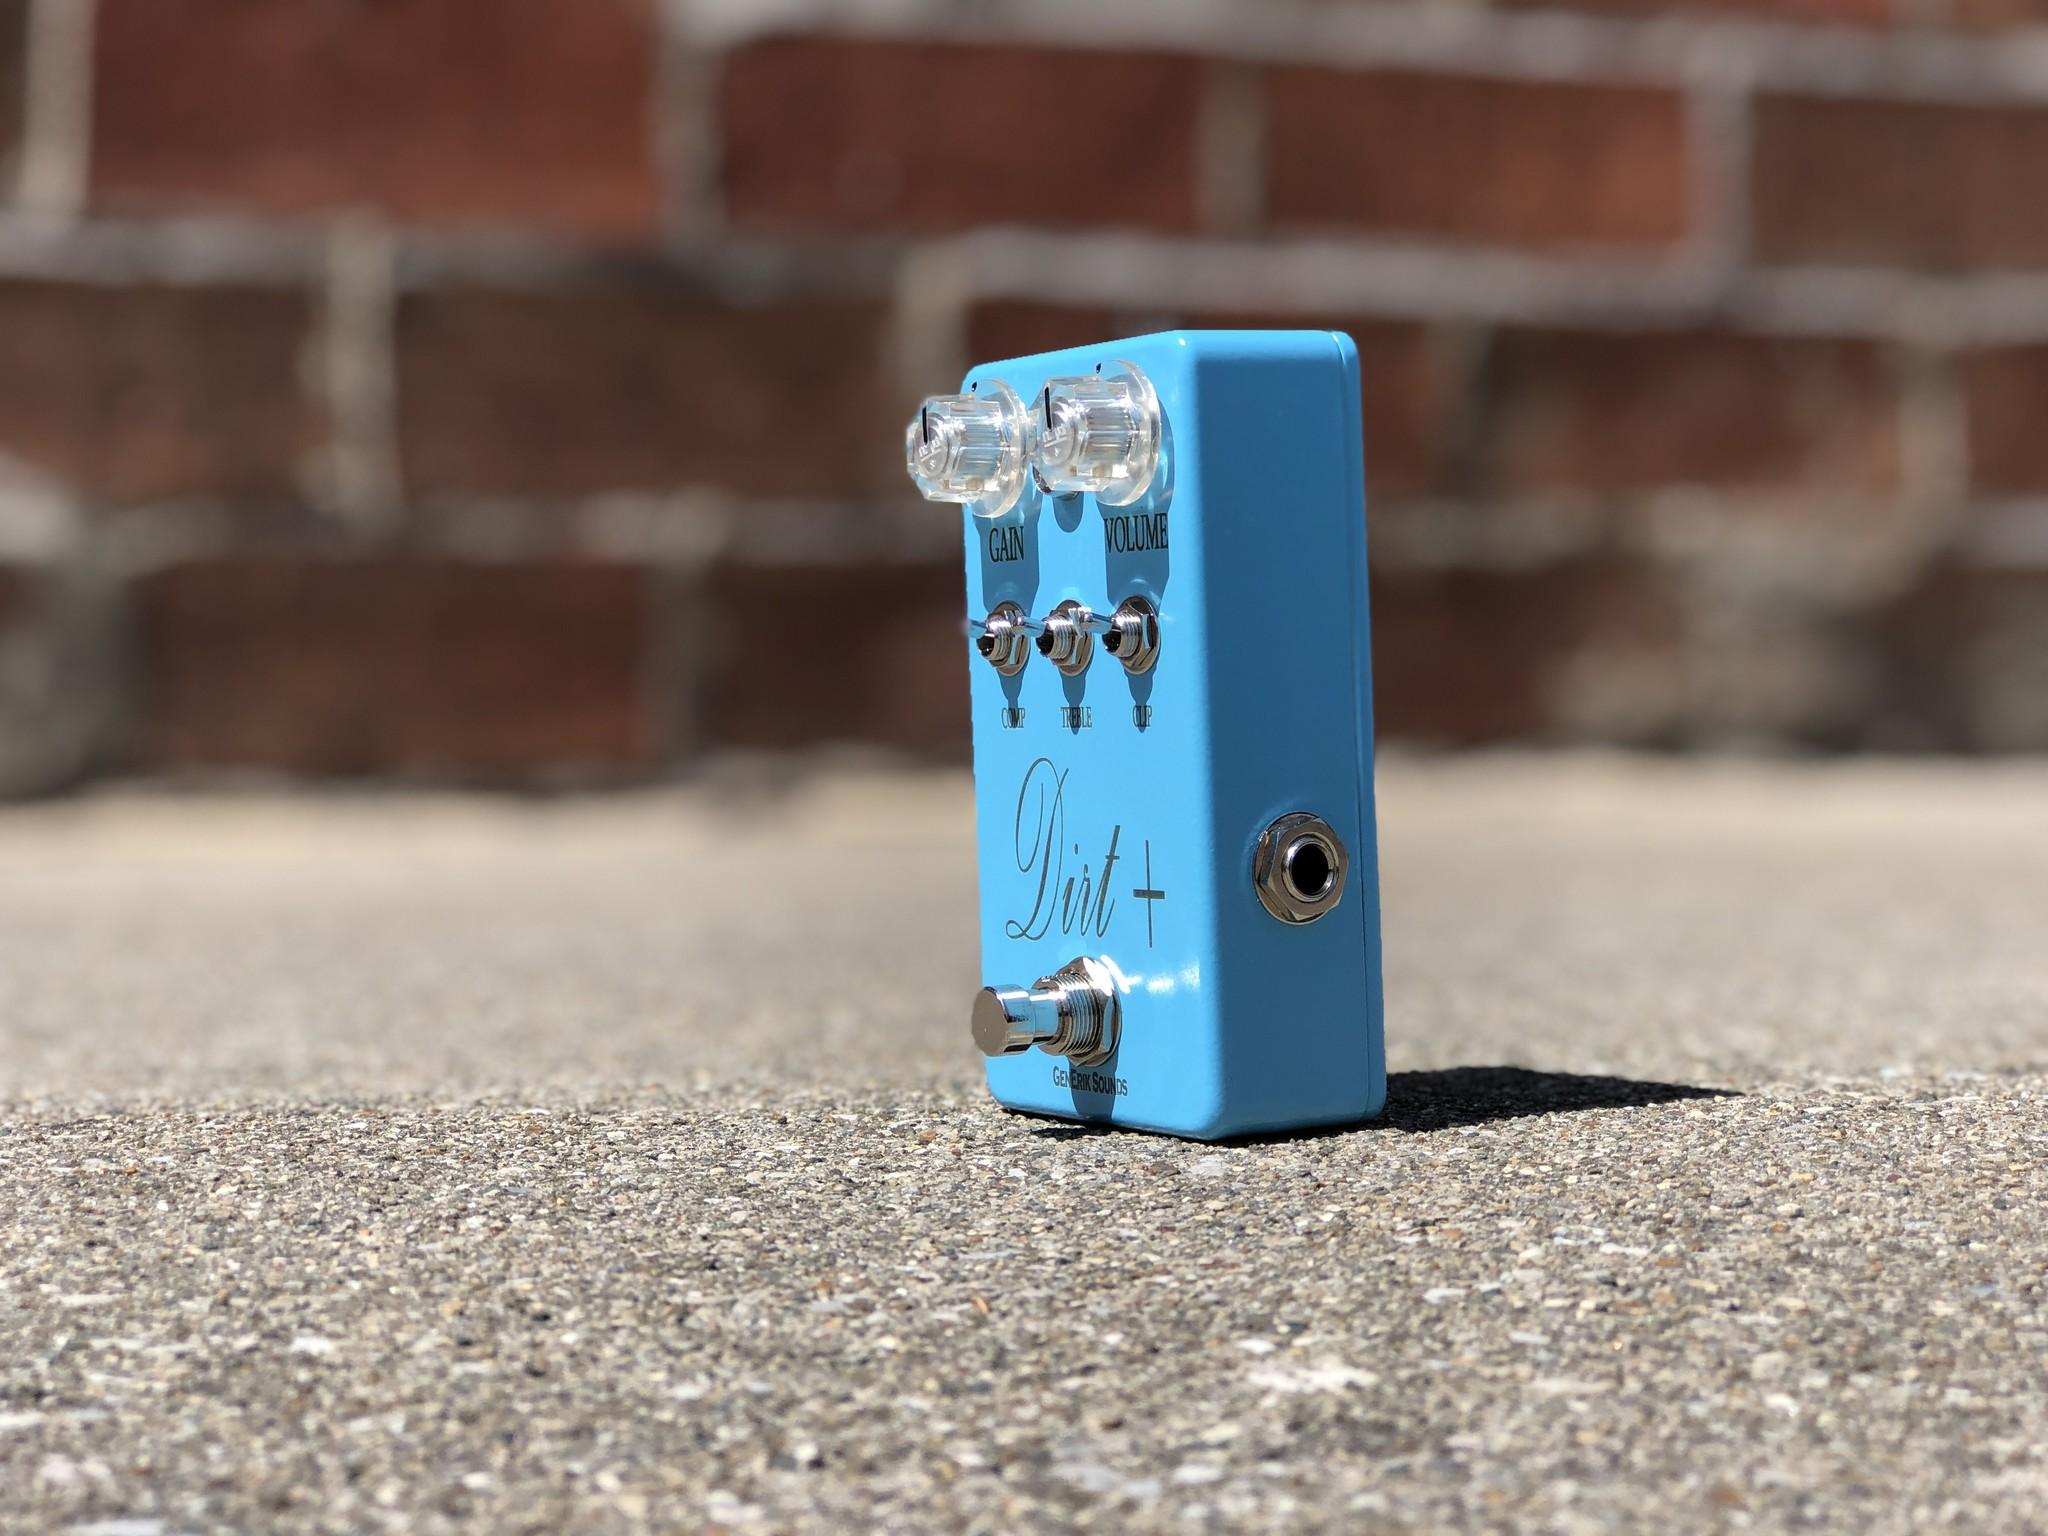 Dirt + Plus - GenErik Sounds Distortion Pedal-3